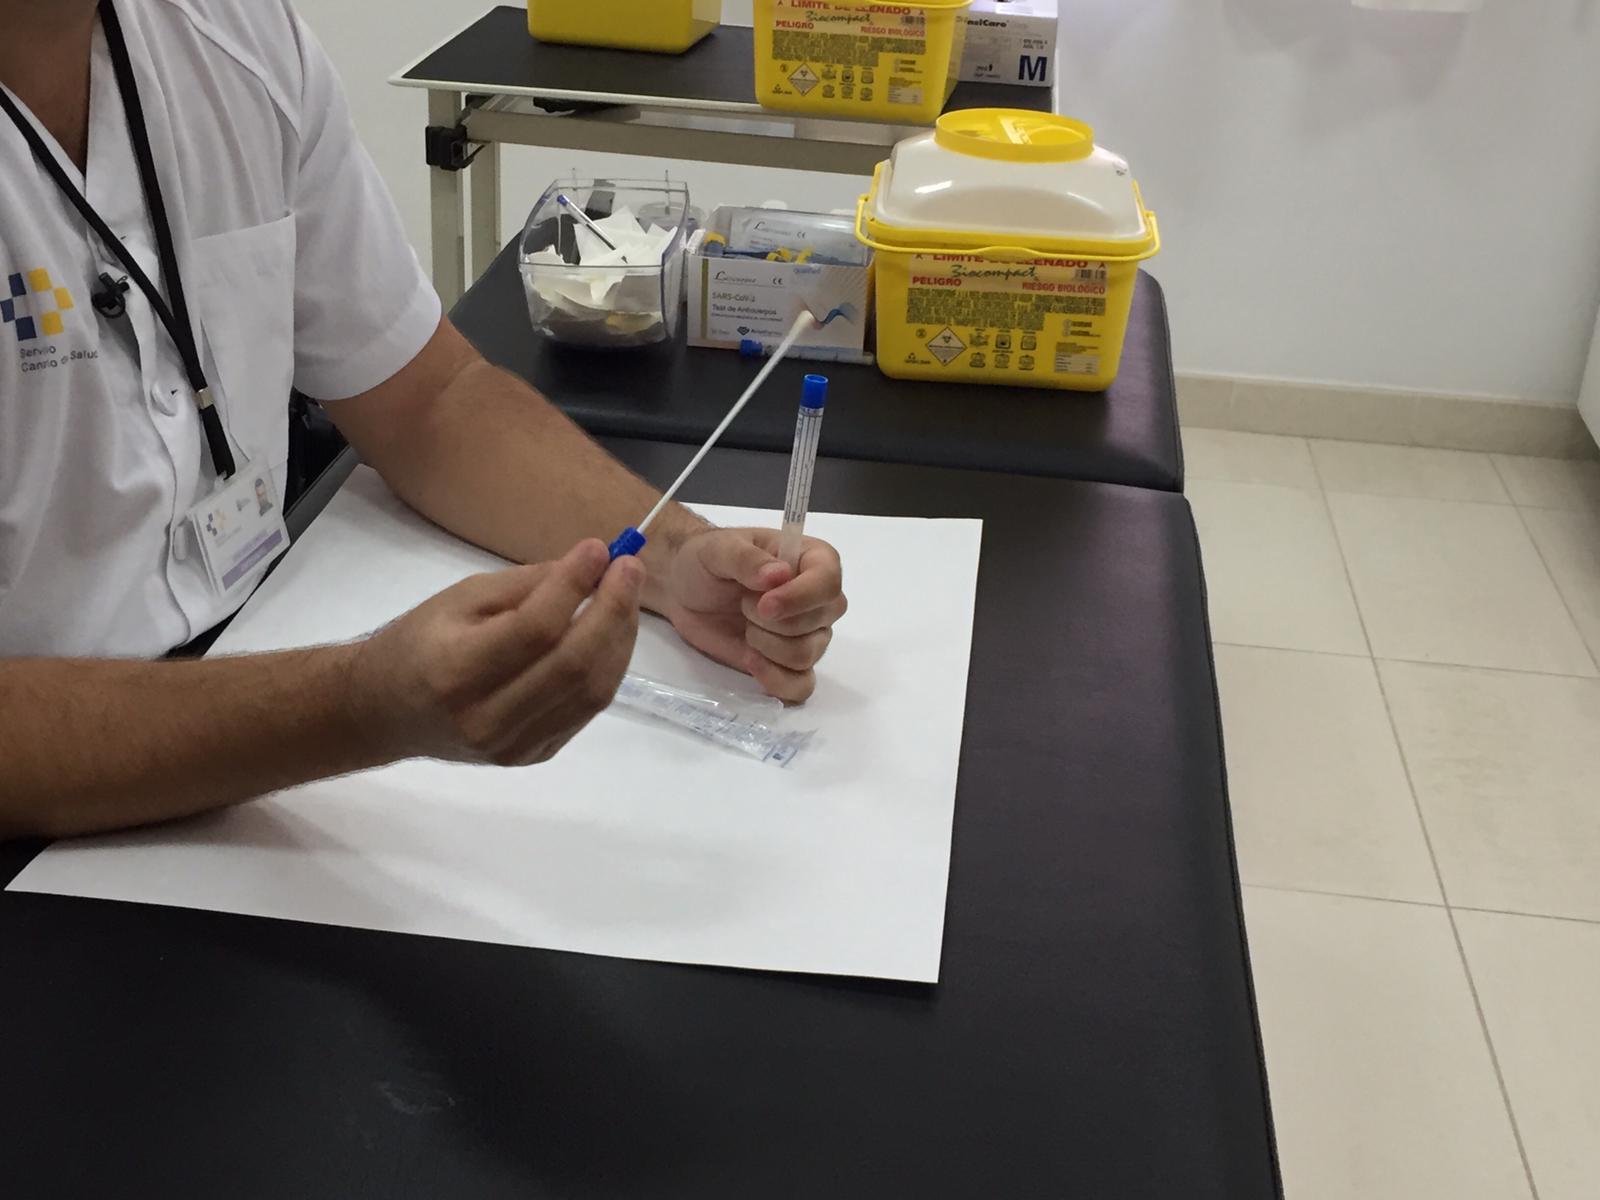 Sanidad notifica 93 casos de COVID-19 en las últimas 24 horas – Lanzarote suma 13 nuevos casos con 6.758 acumulados y 87 activos epidemiológicamente